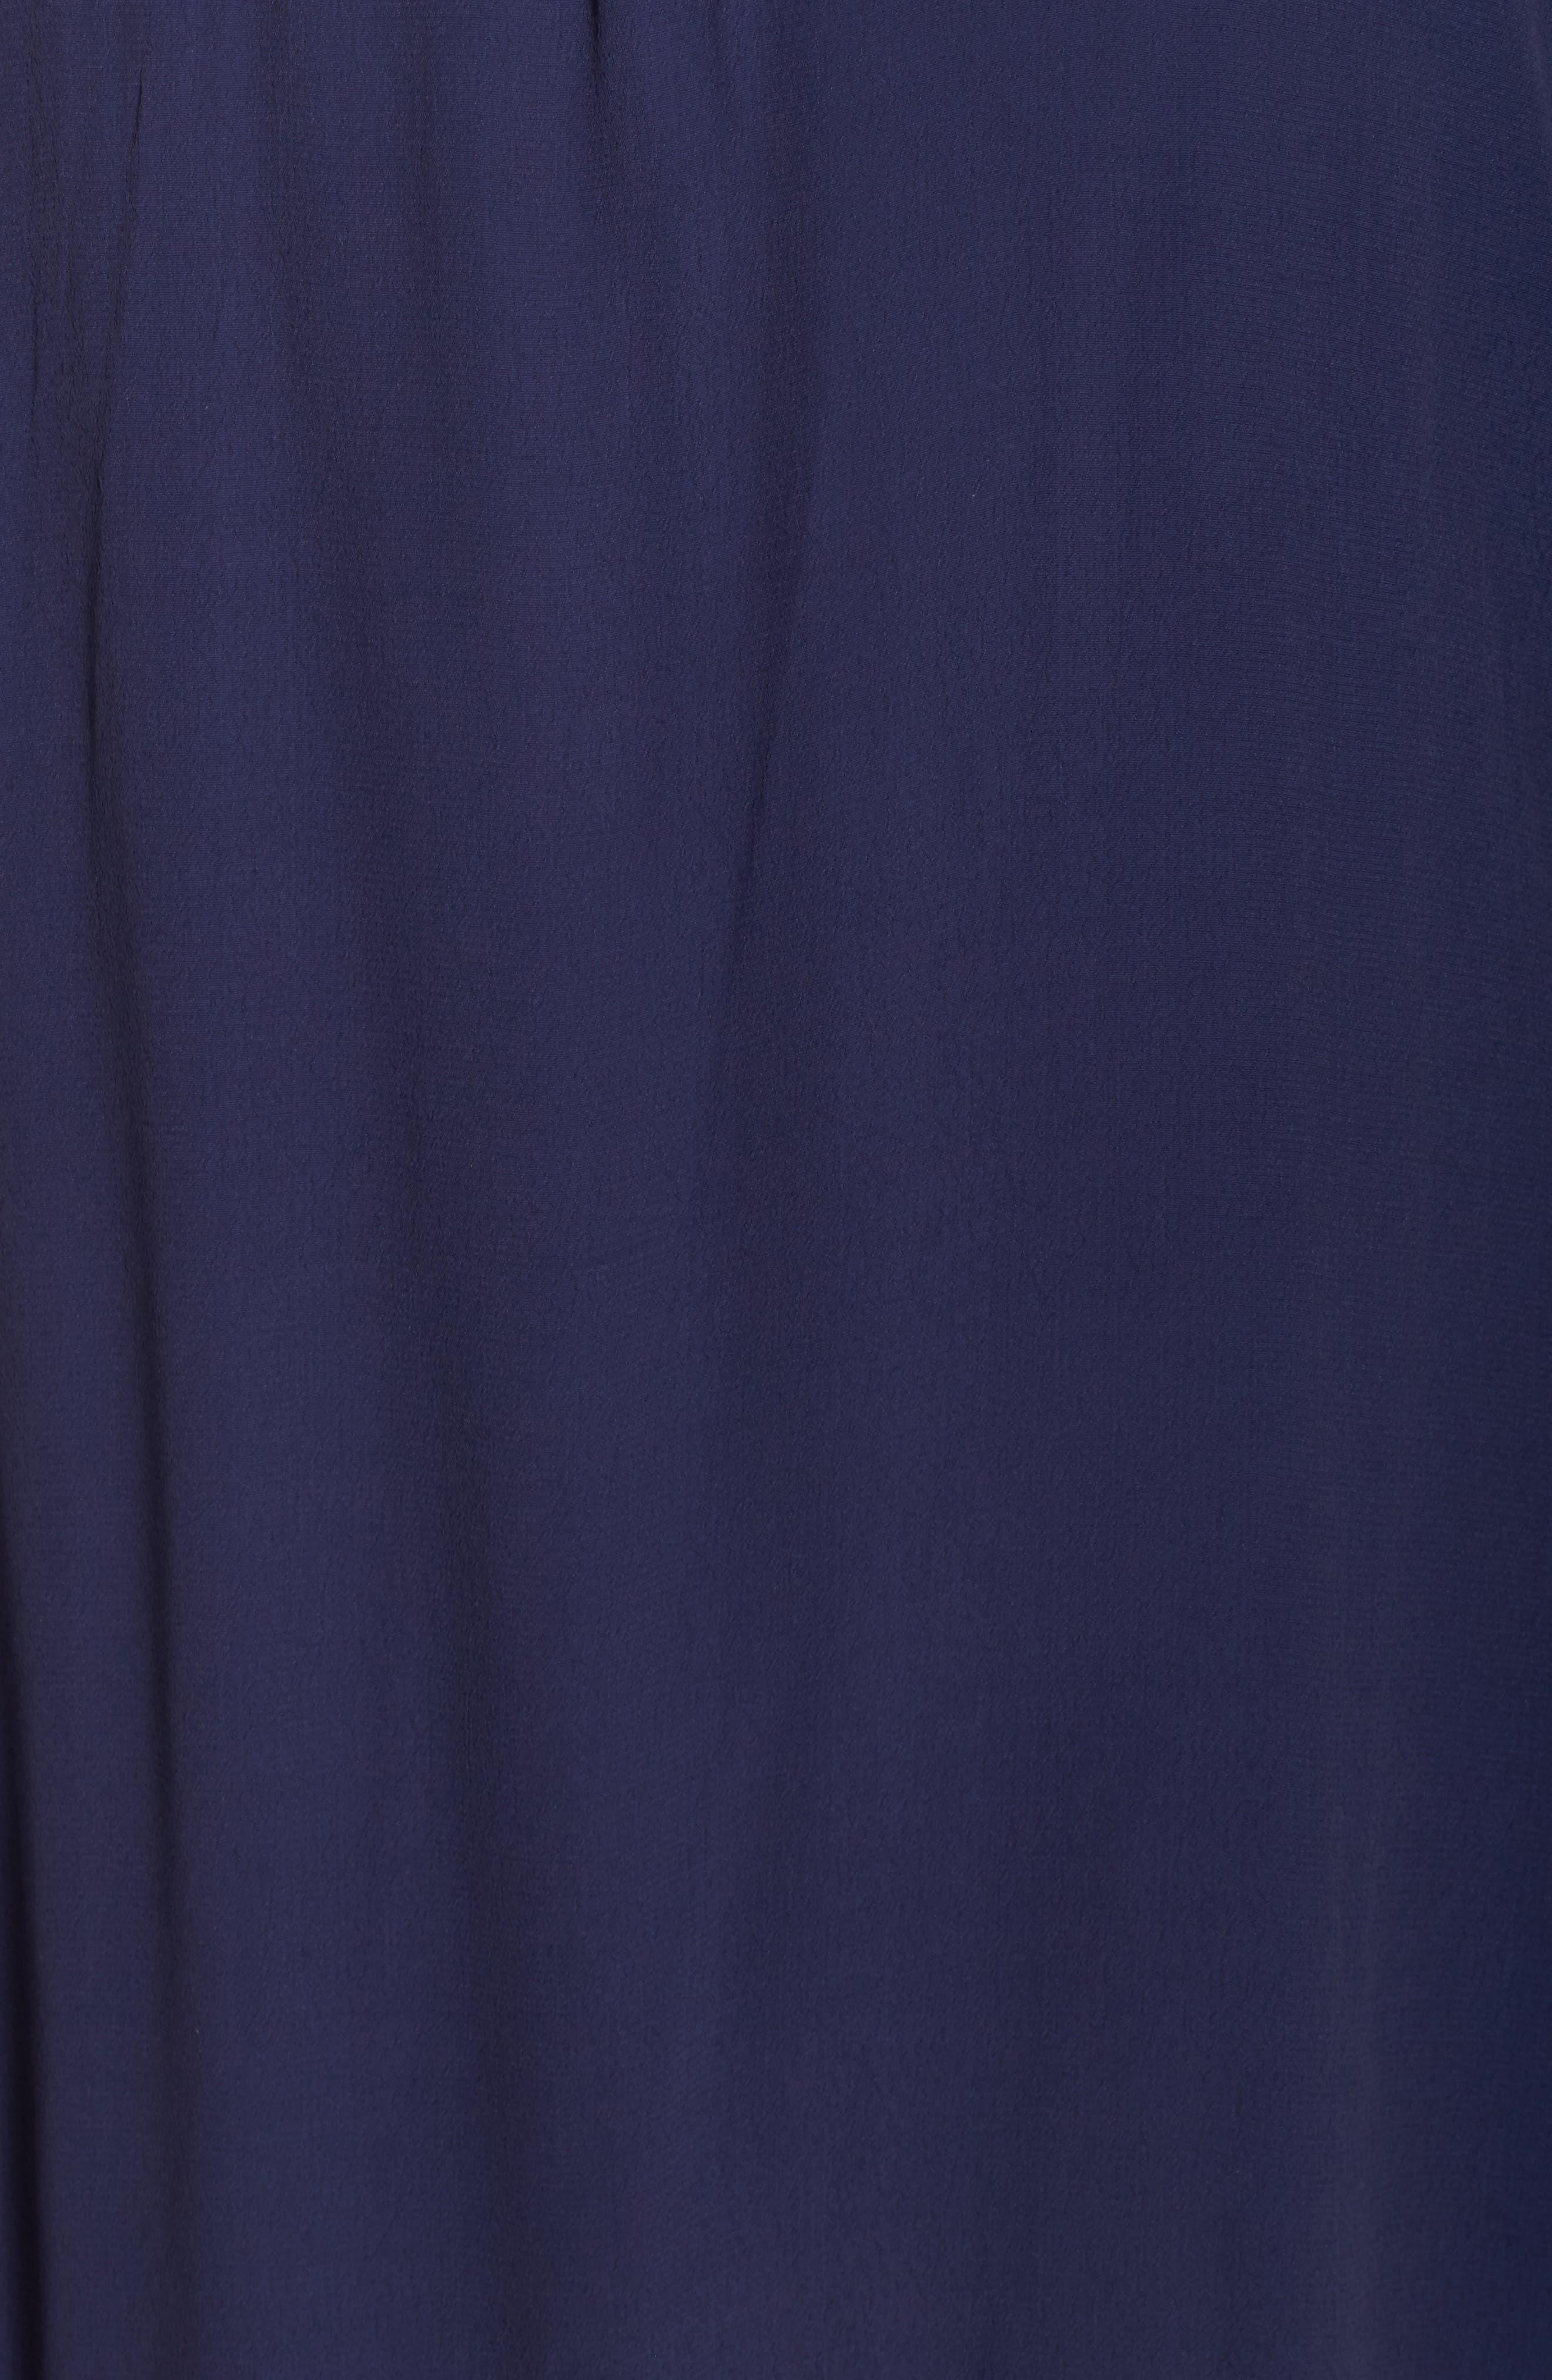 Jolie Lace Accent Cover-Up Dress,                             Alternate thumbnail 14, color,